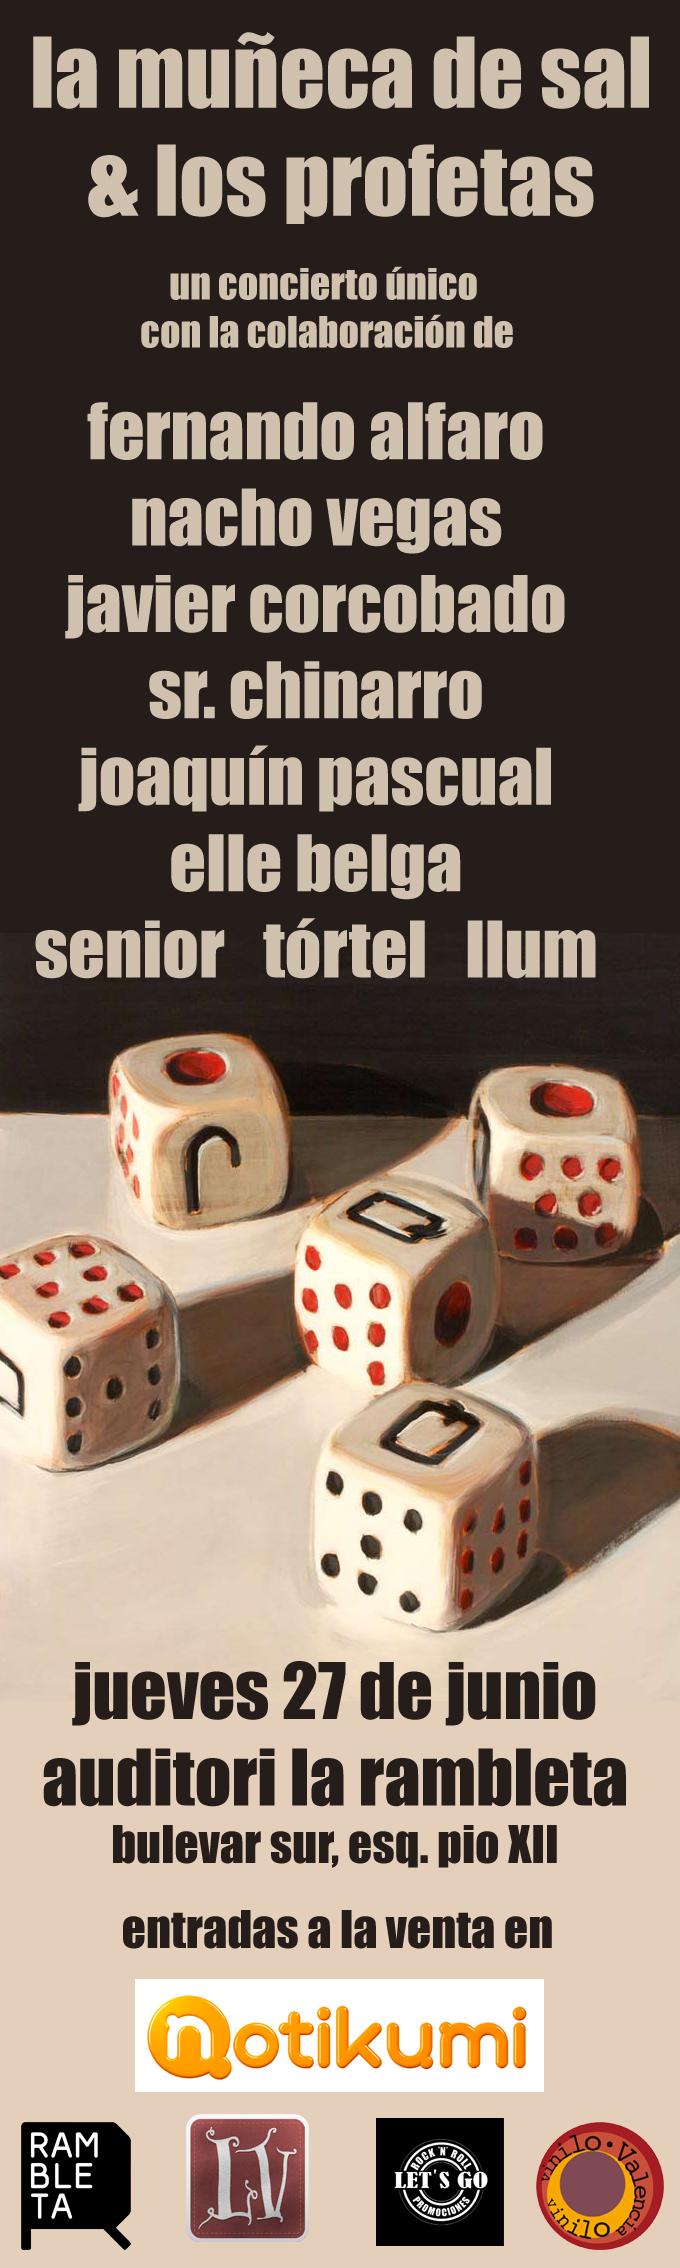 Cartel del concierto (Viu València)